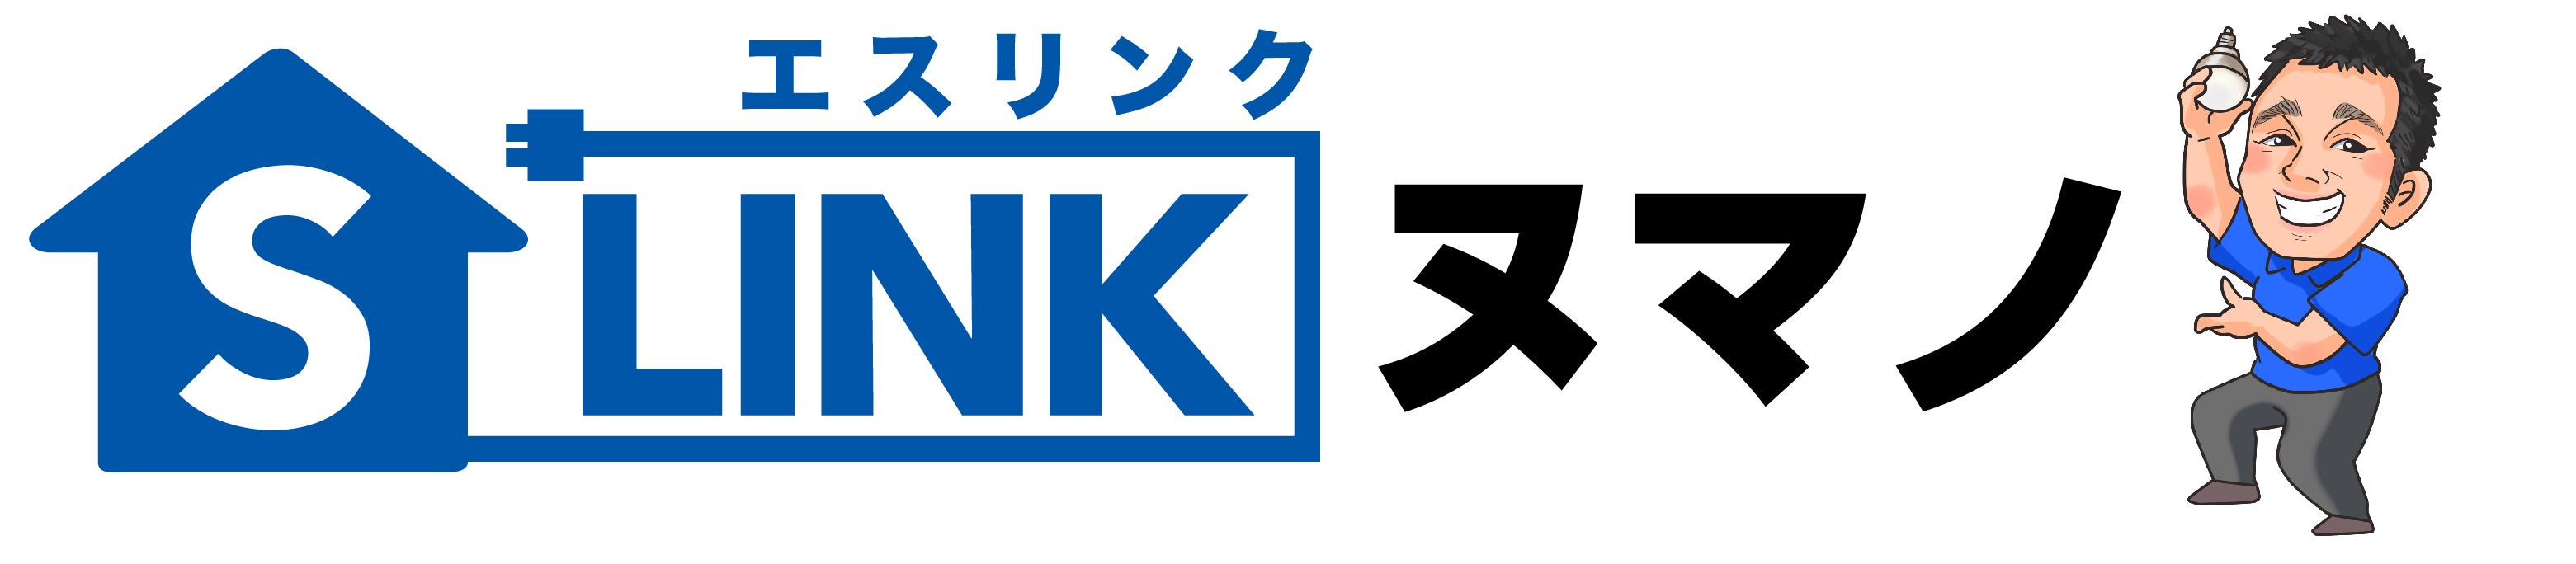 埼玉県さいたま市北区の電気屋さん S-LINKヌマノ(有限会社 沼野電器)